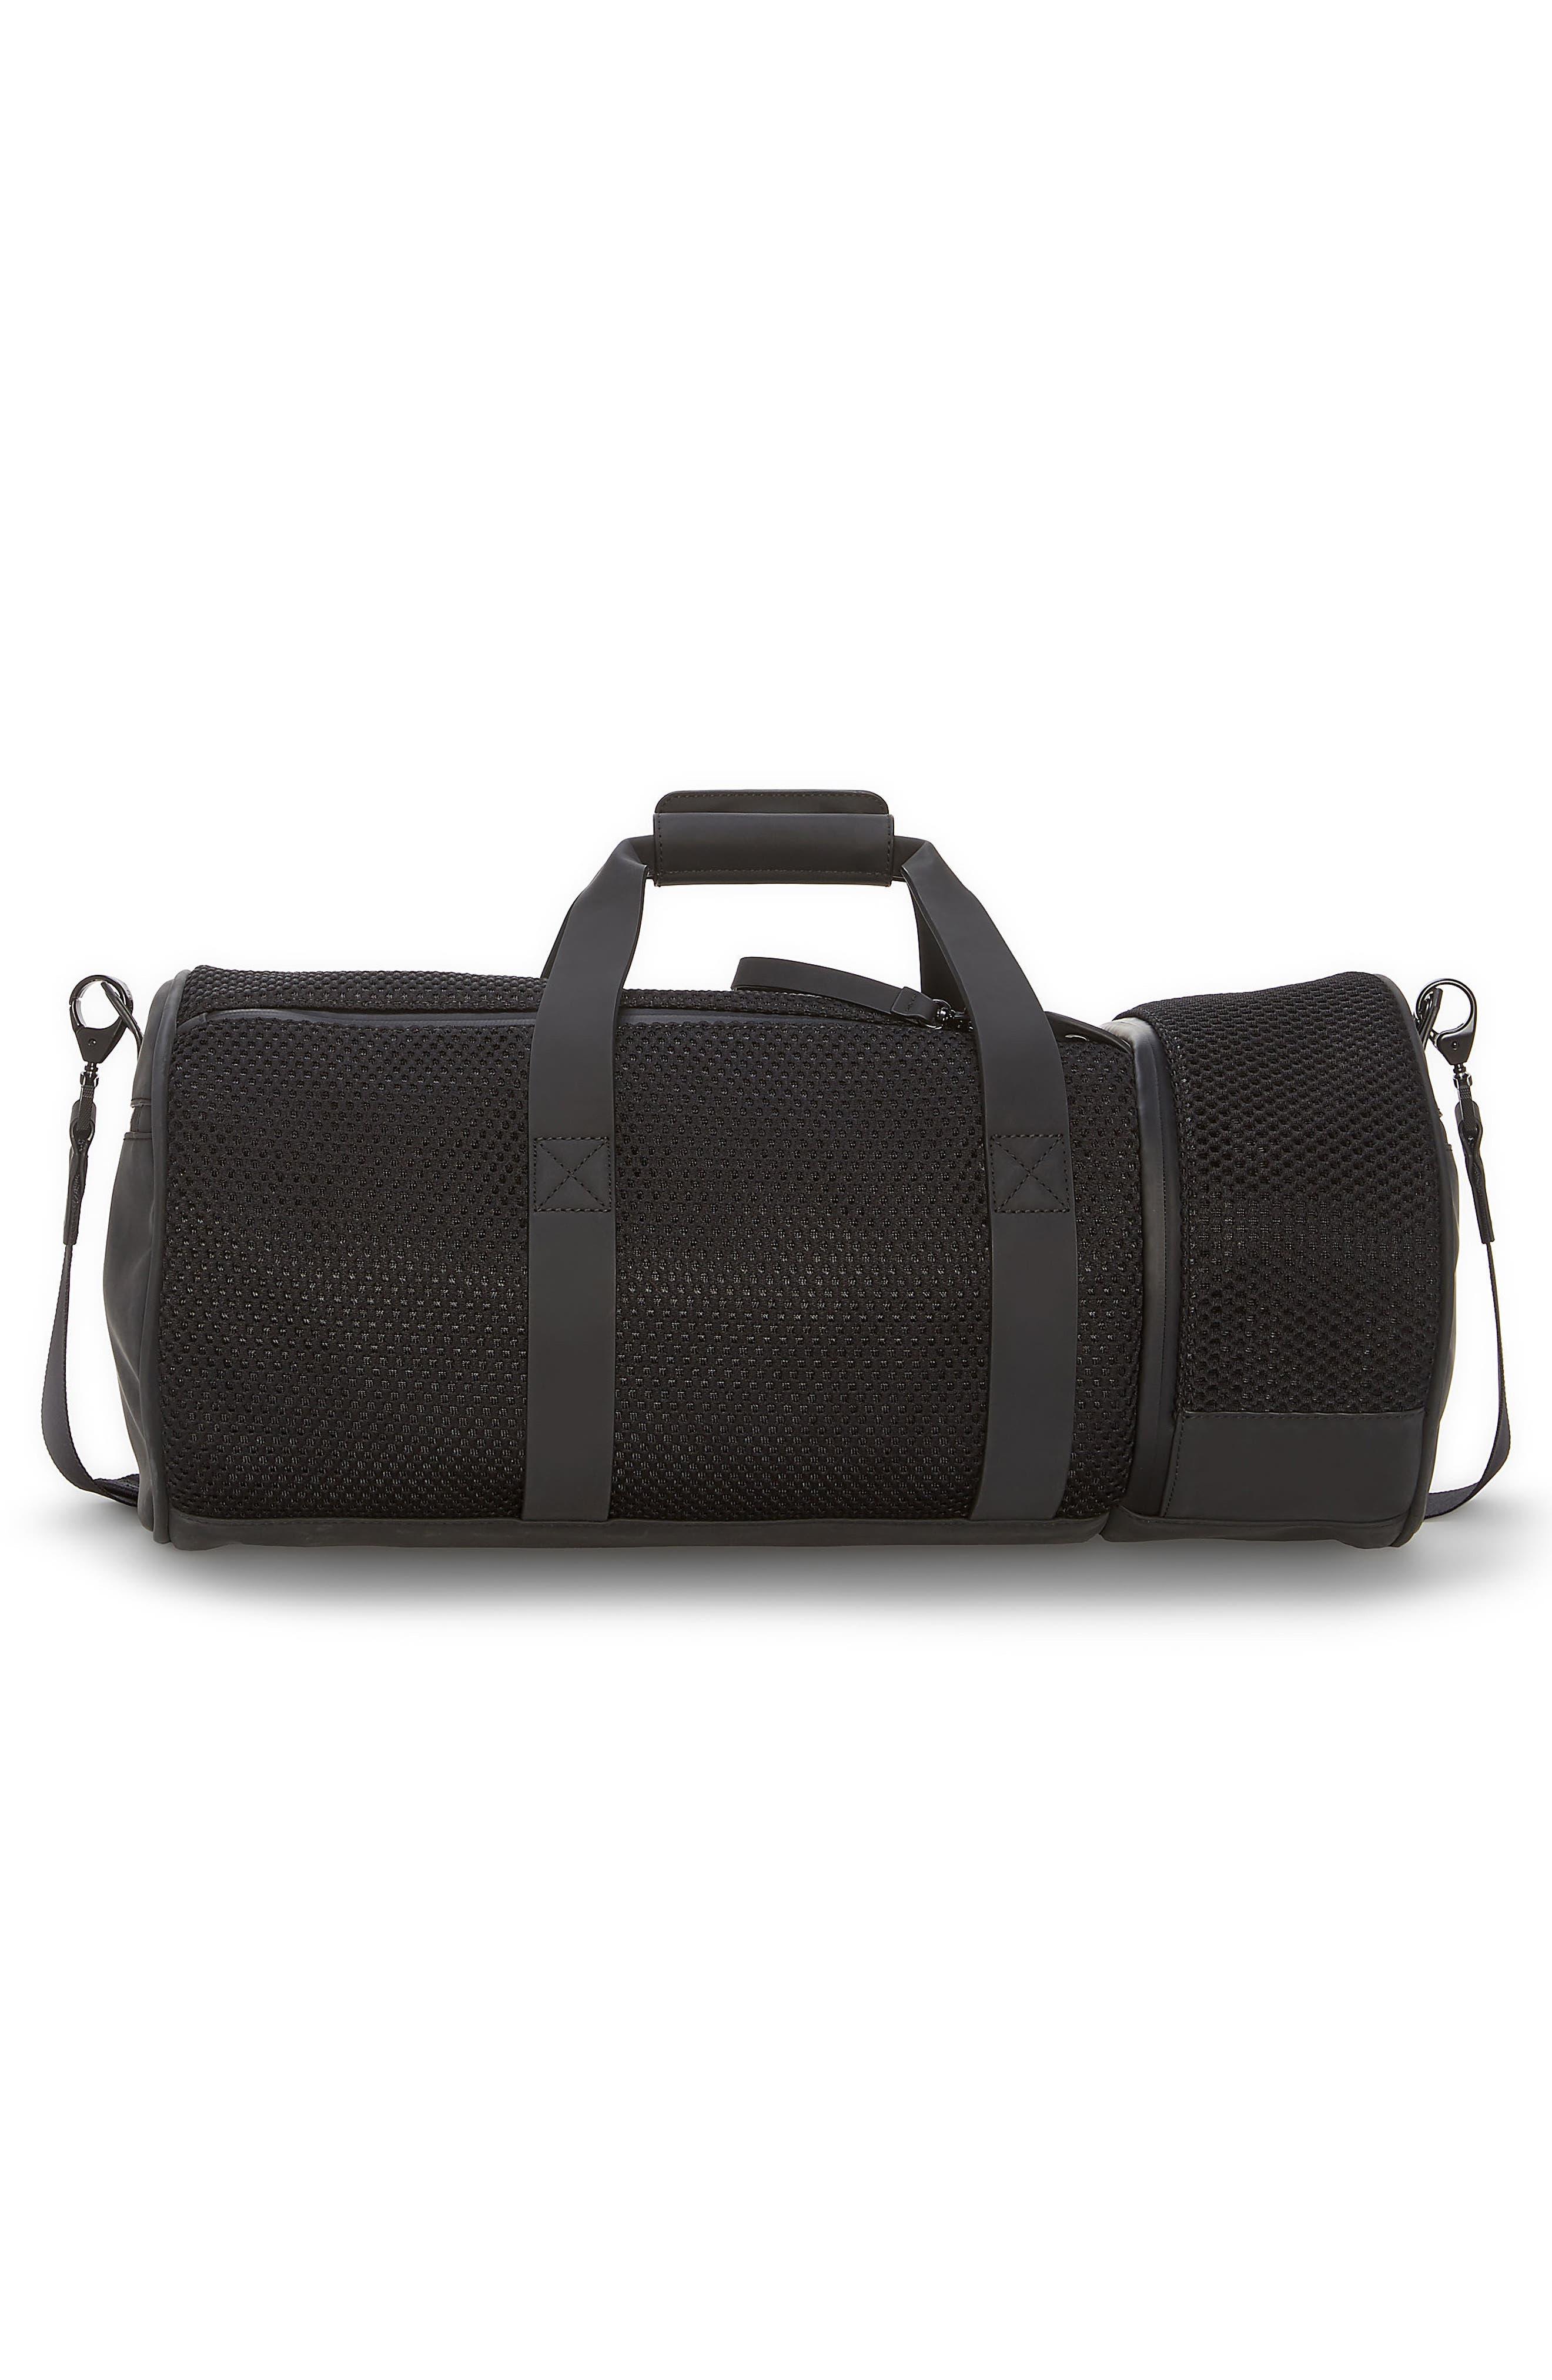 Urban Mesh Duffel Bag,                             Alternate thumbnail 2, color,                             Black